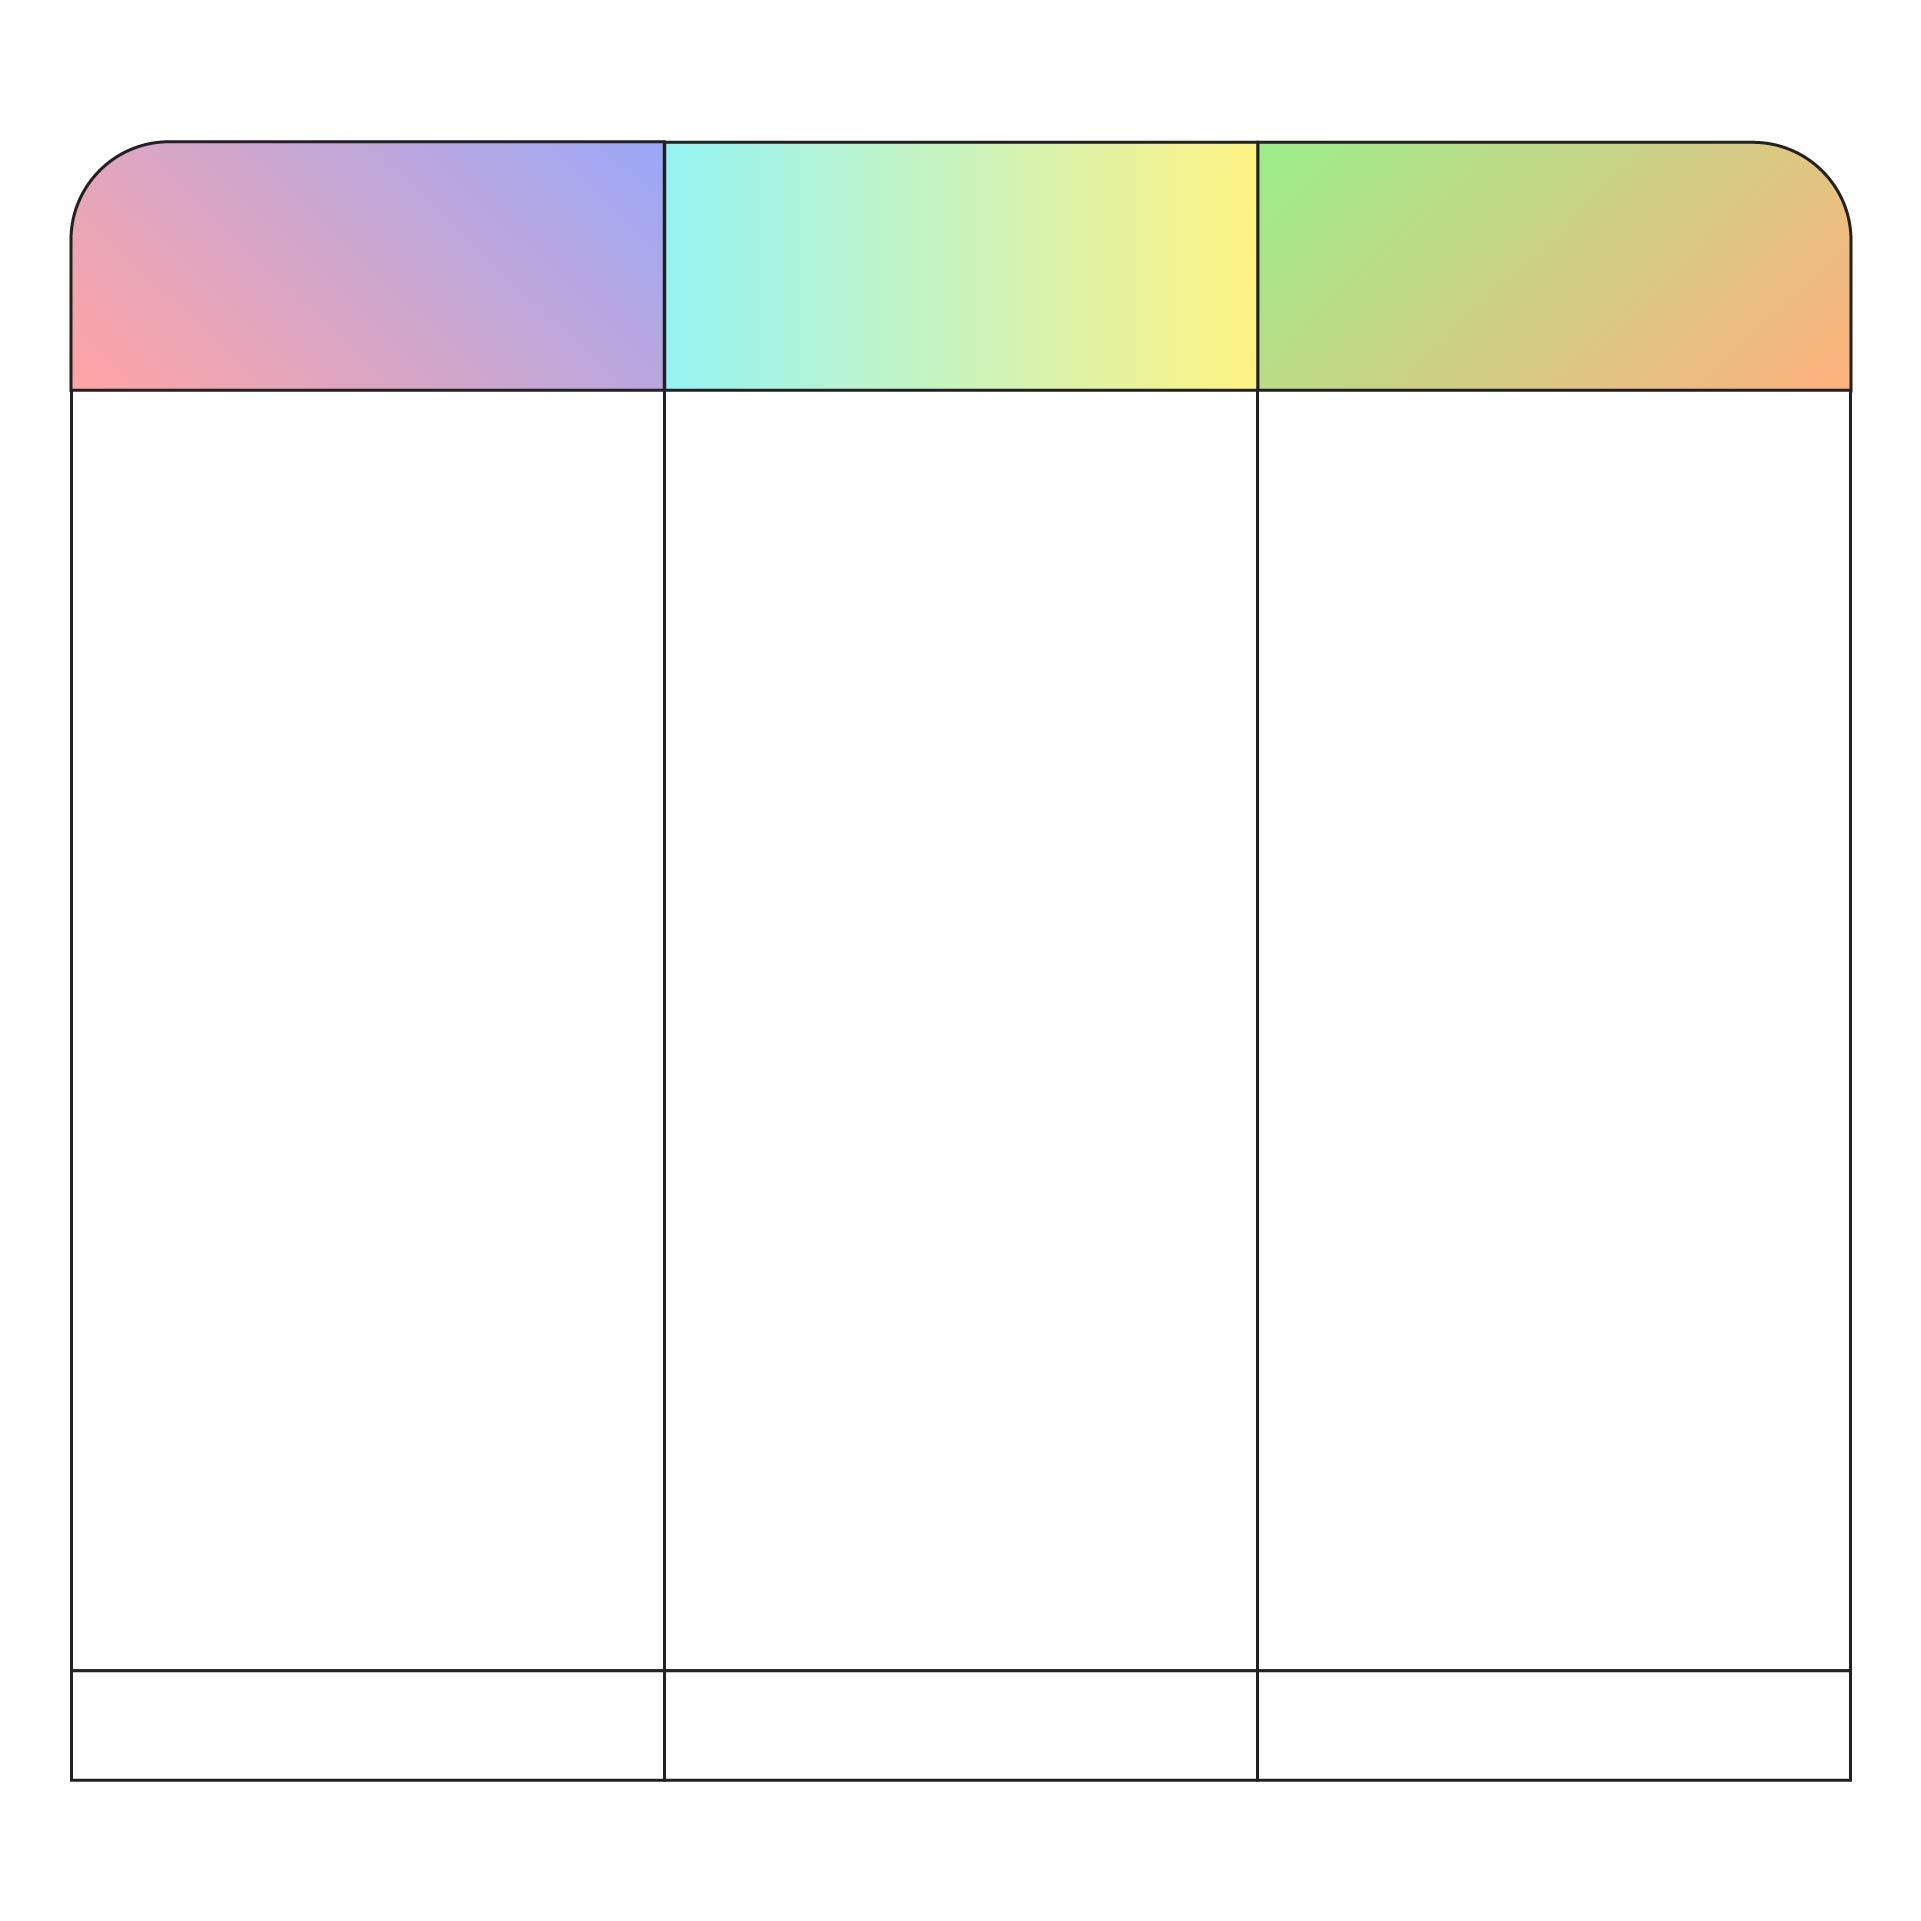 Blank Columns Templates - 4 Column Chart Template, Blank 4 Column ...